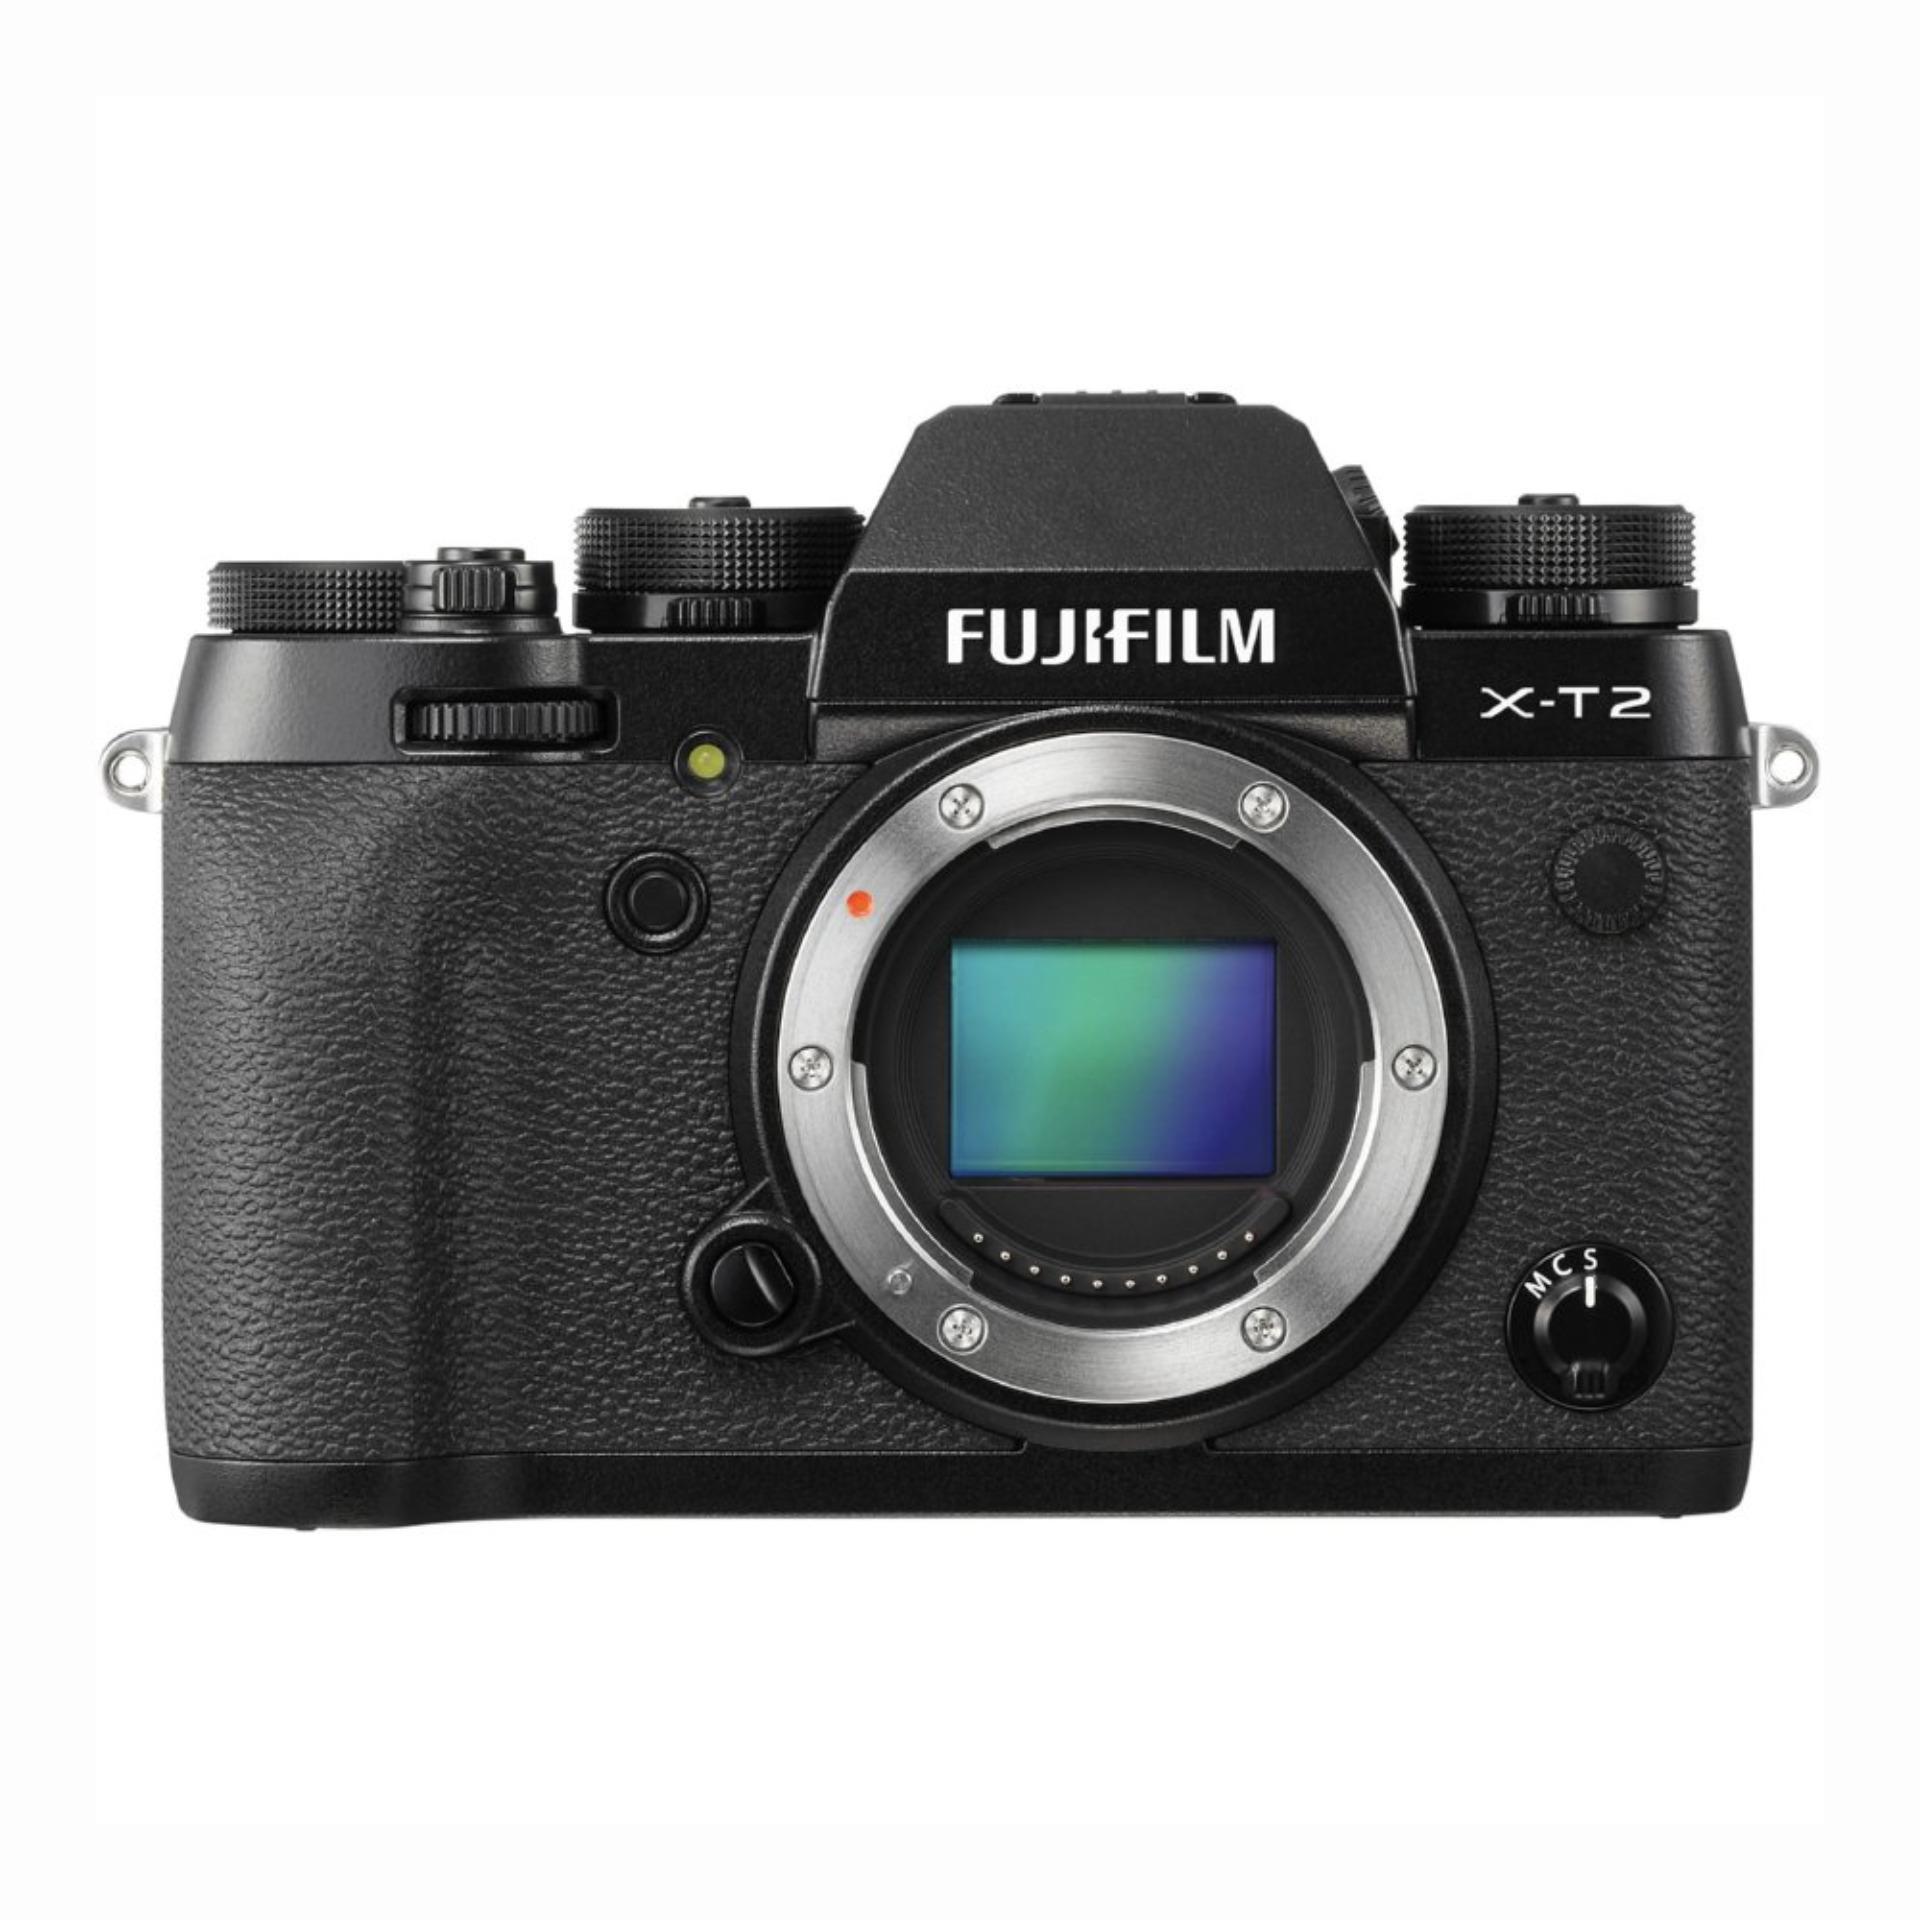 Fujifilm X-T2 Camera Body Only (No Warranty)